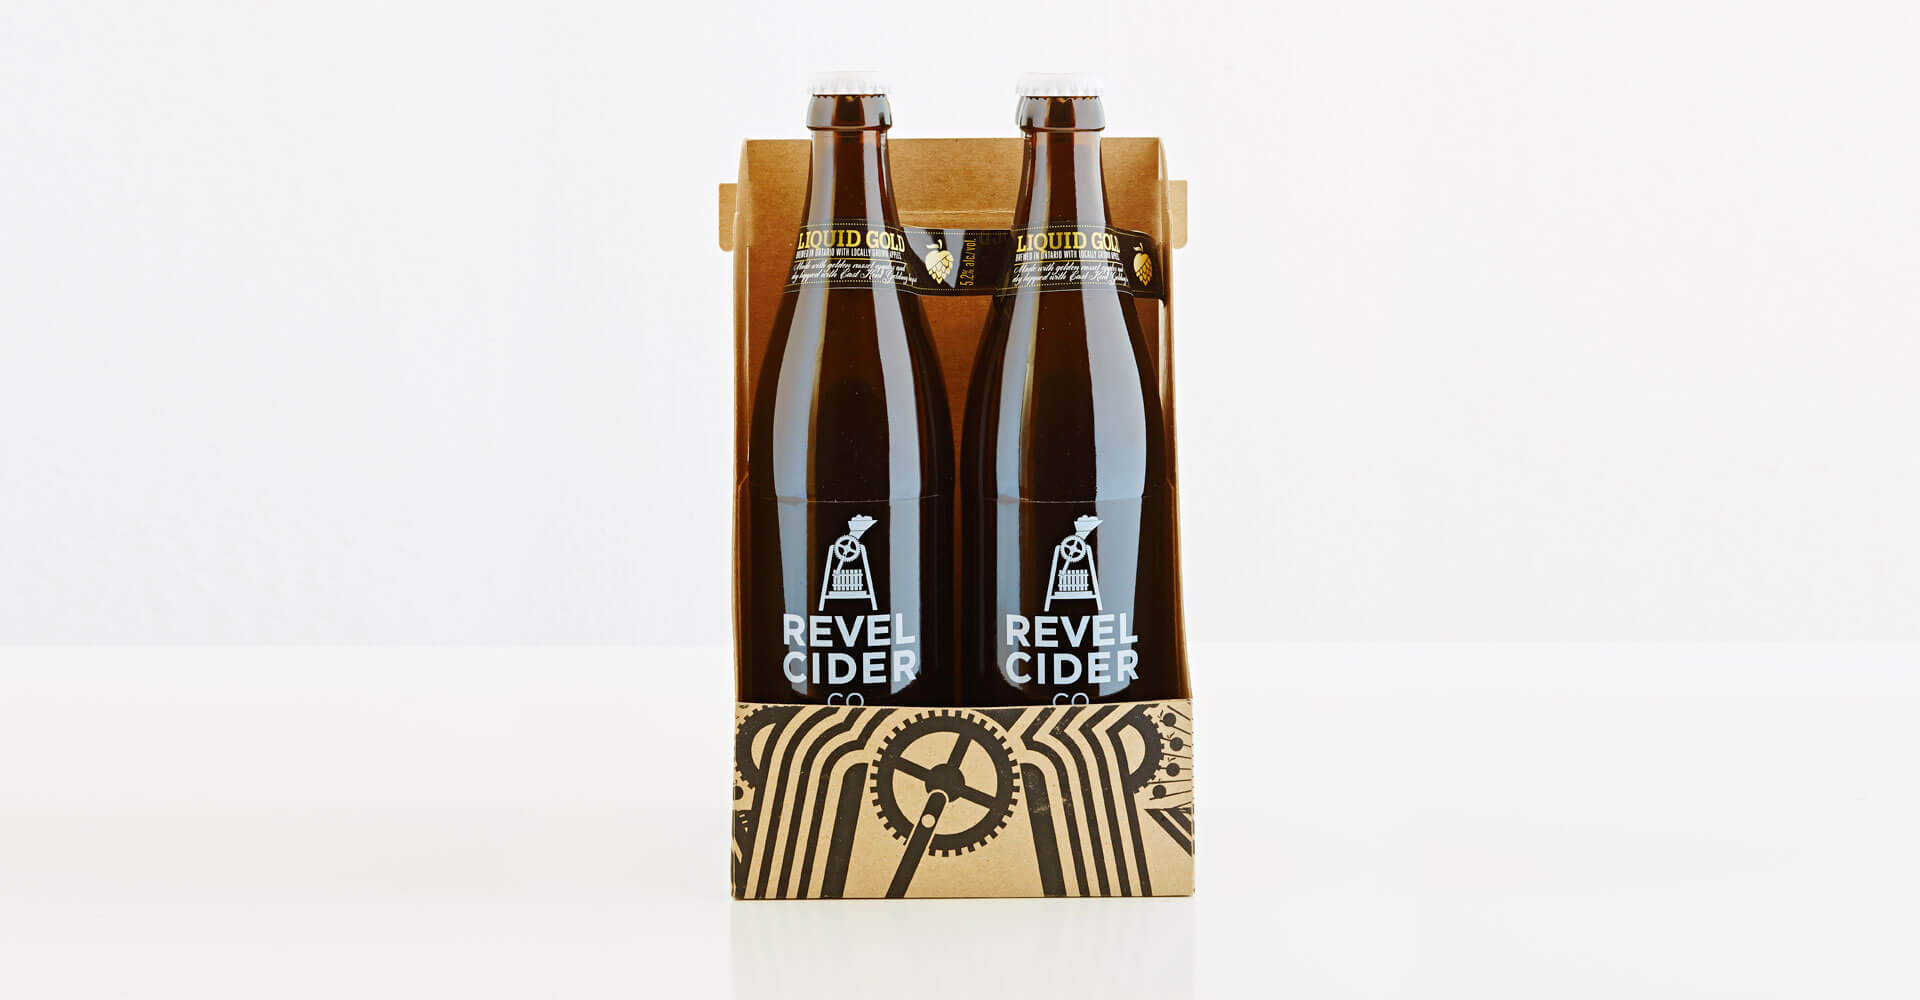 Revel Cider